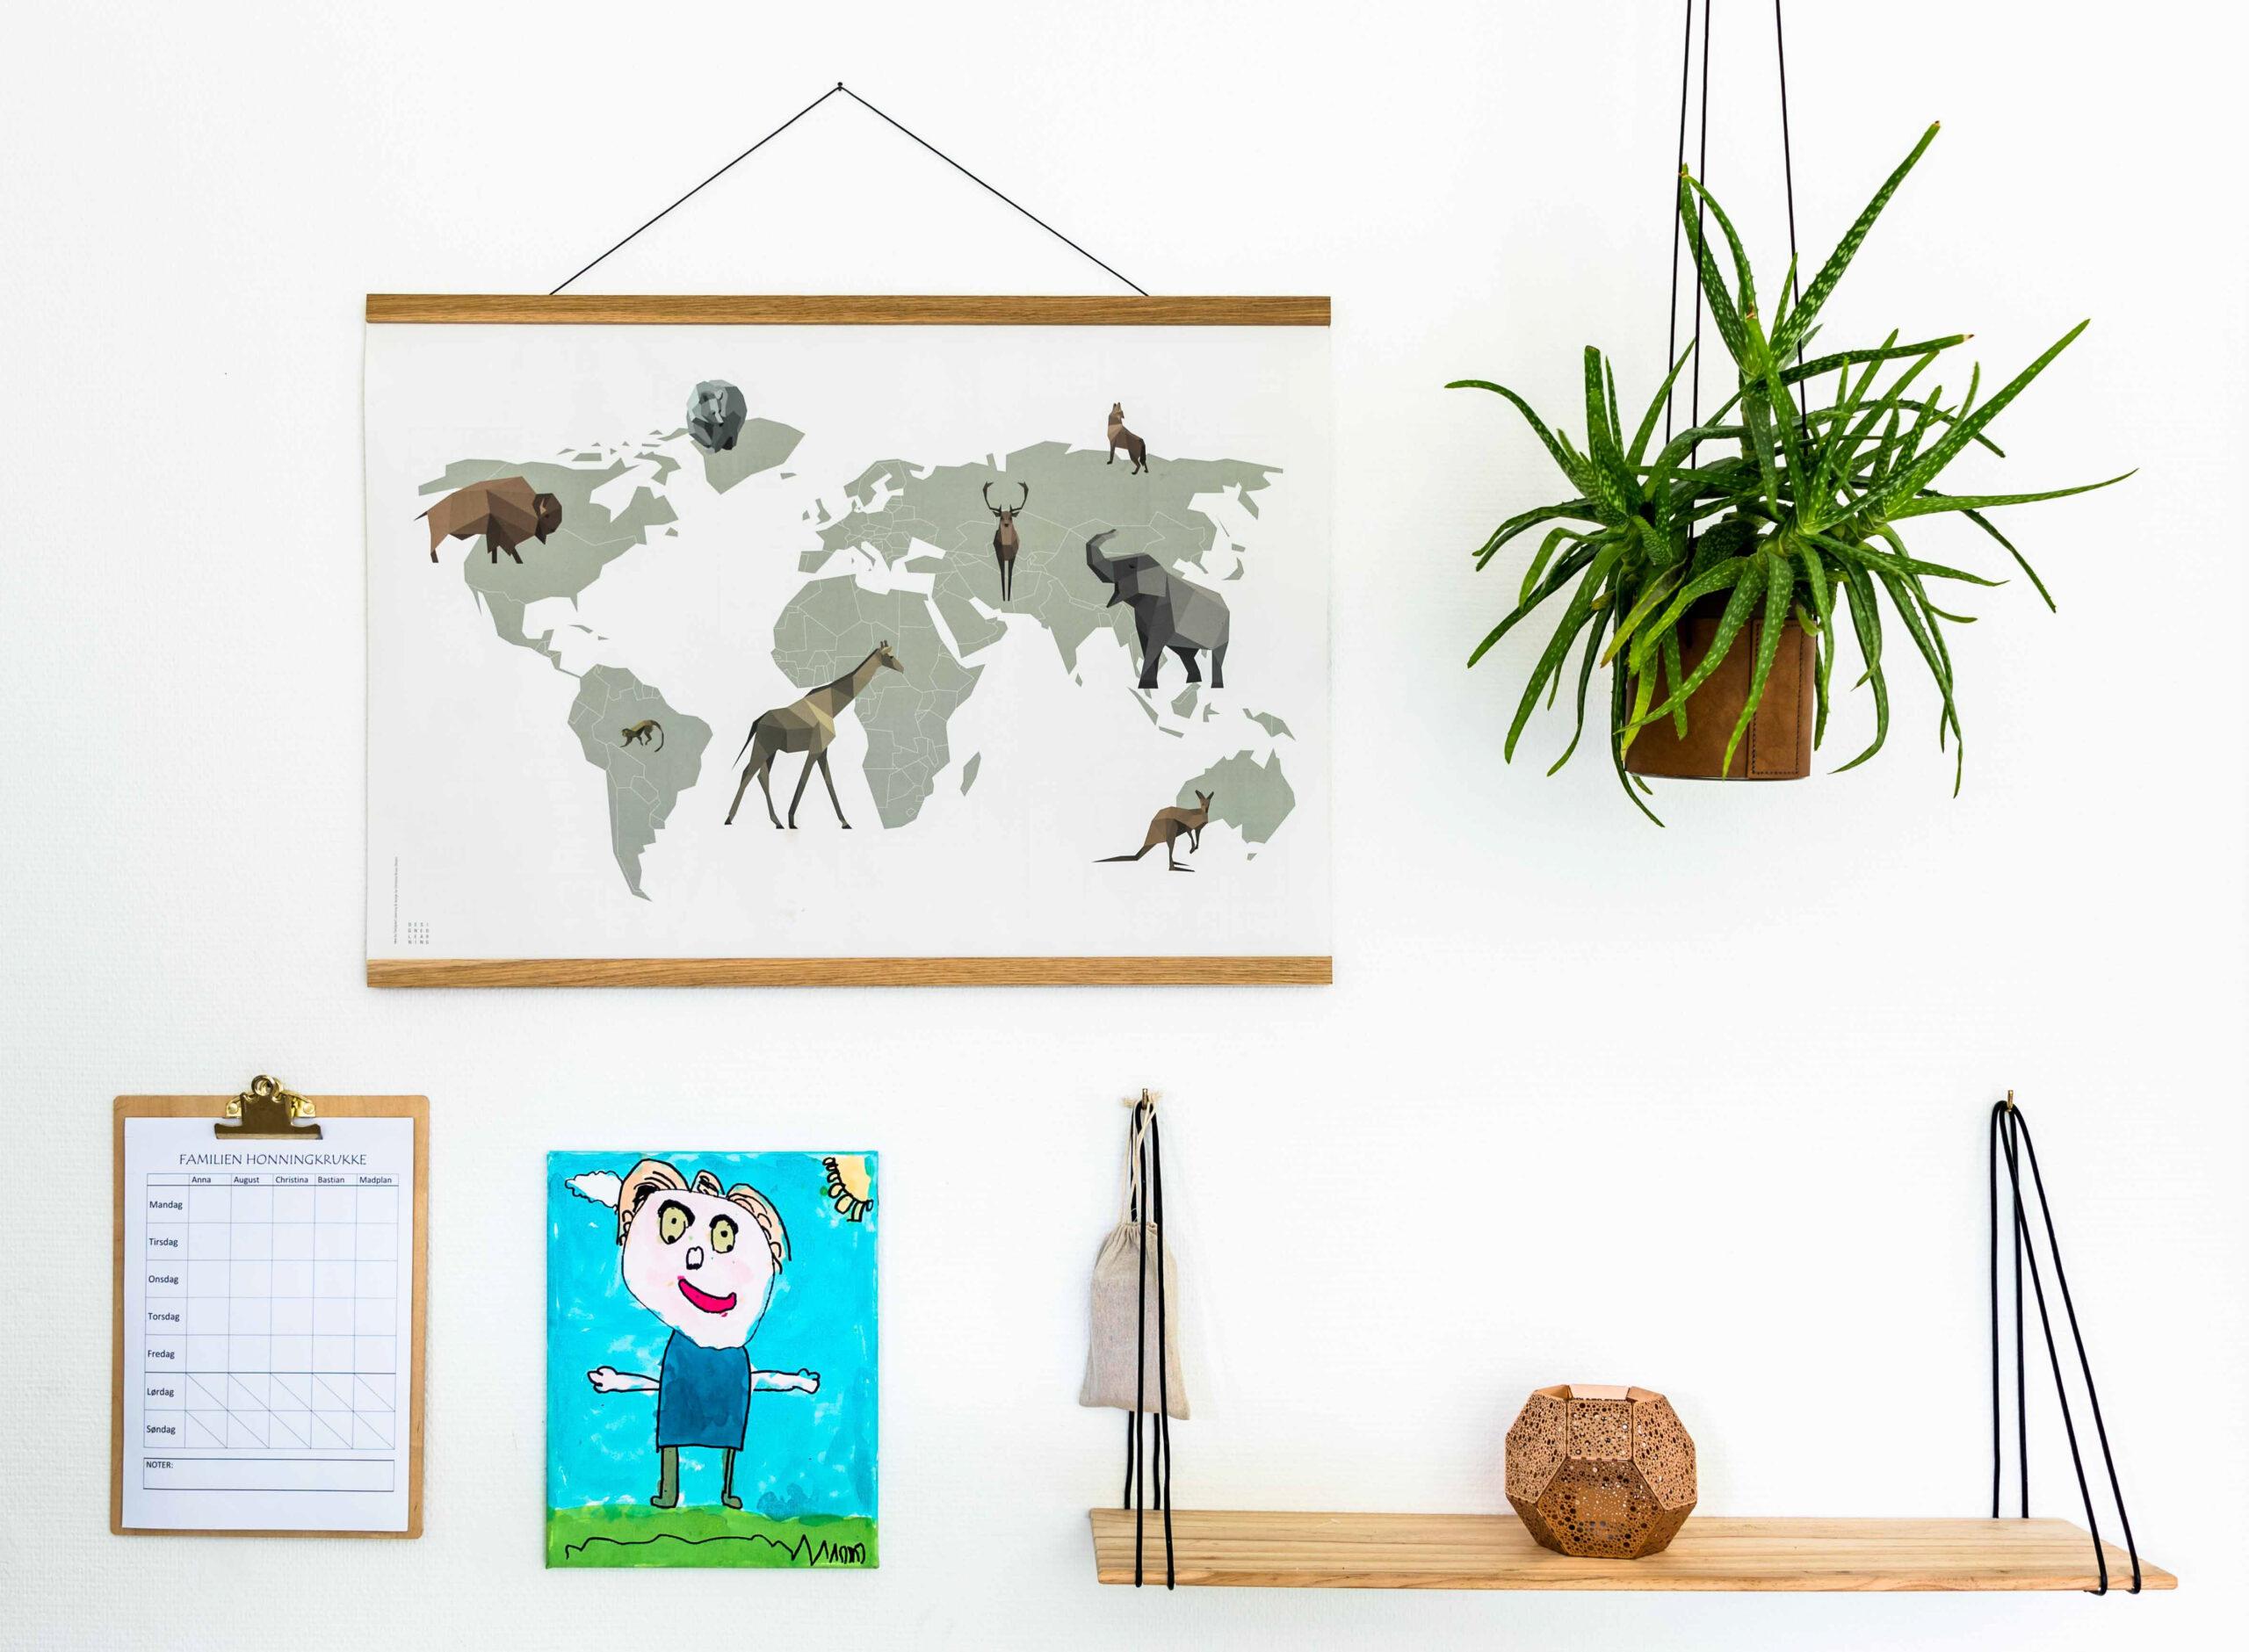 verdenspakken, verdensdyr, verdenskort, børn verden, børn dyr, dyre plakat, verdens plakat, verden læring, dyr læring, verden pæn plakat, dyr pæn plakat, vendbar plakat, verden visuel, verden overblik, nærvær familie, nærvær børn, gave børn, gave familie